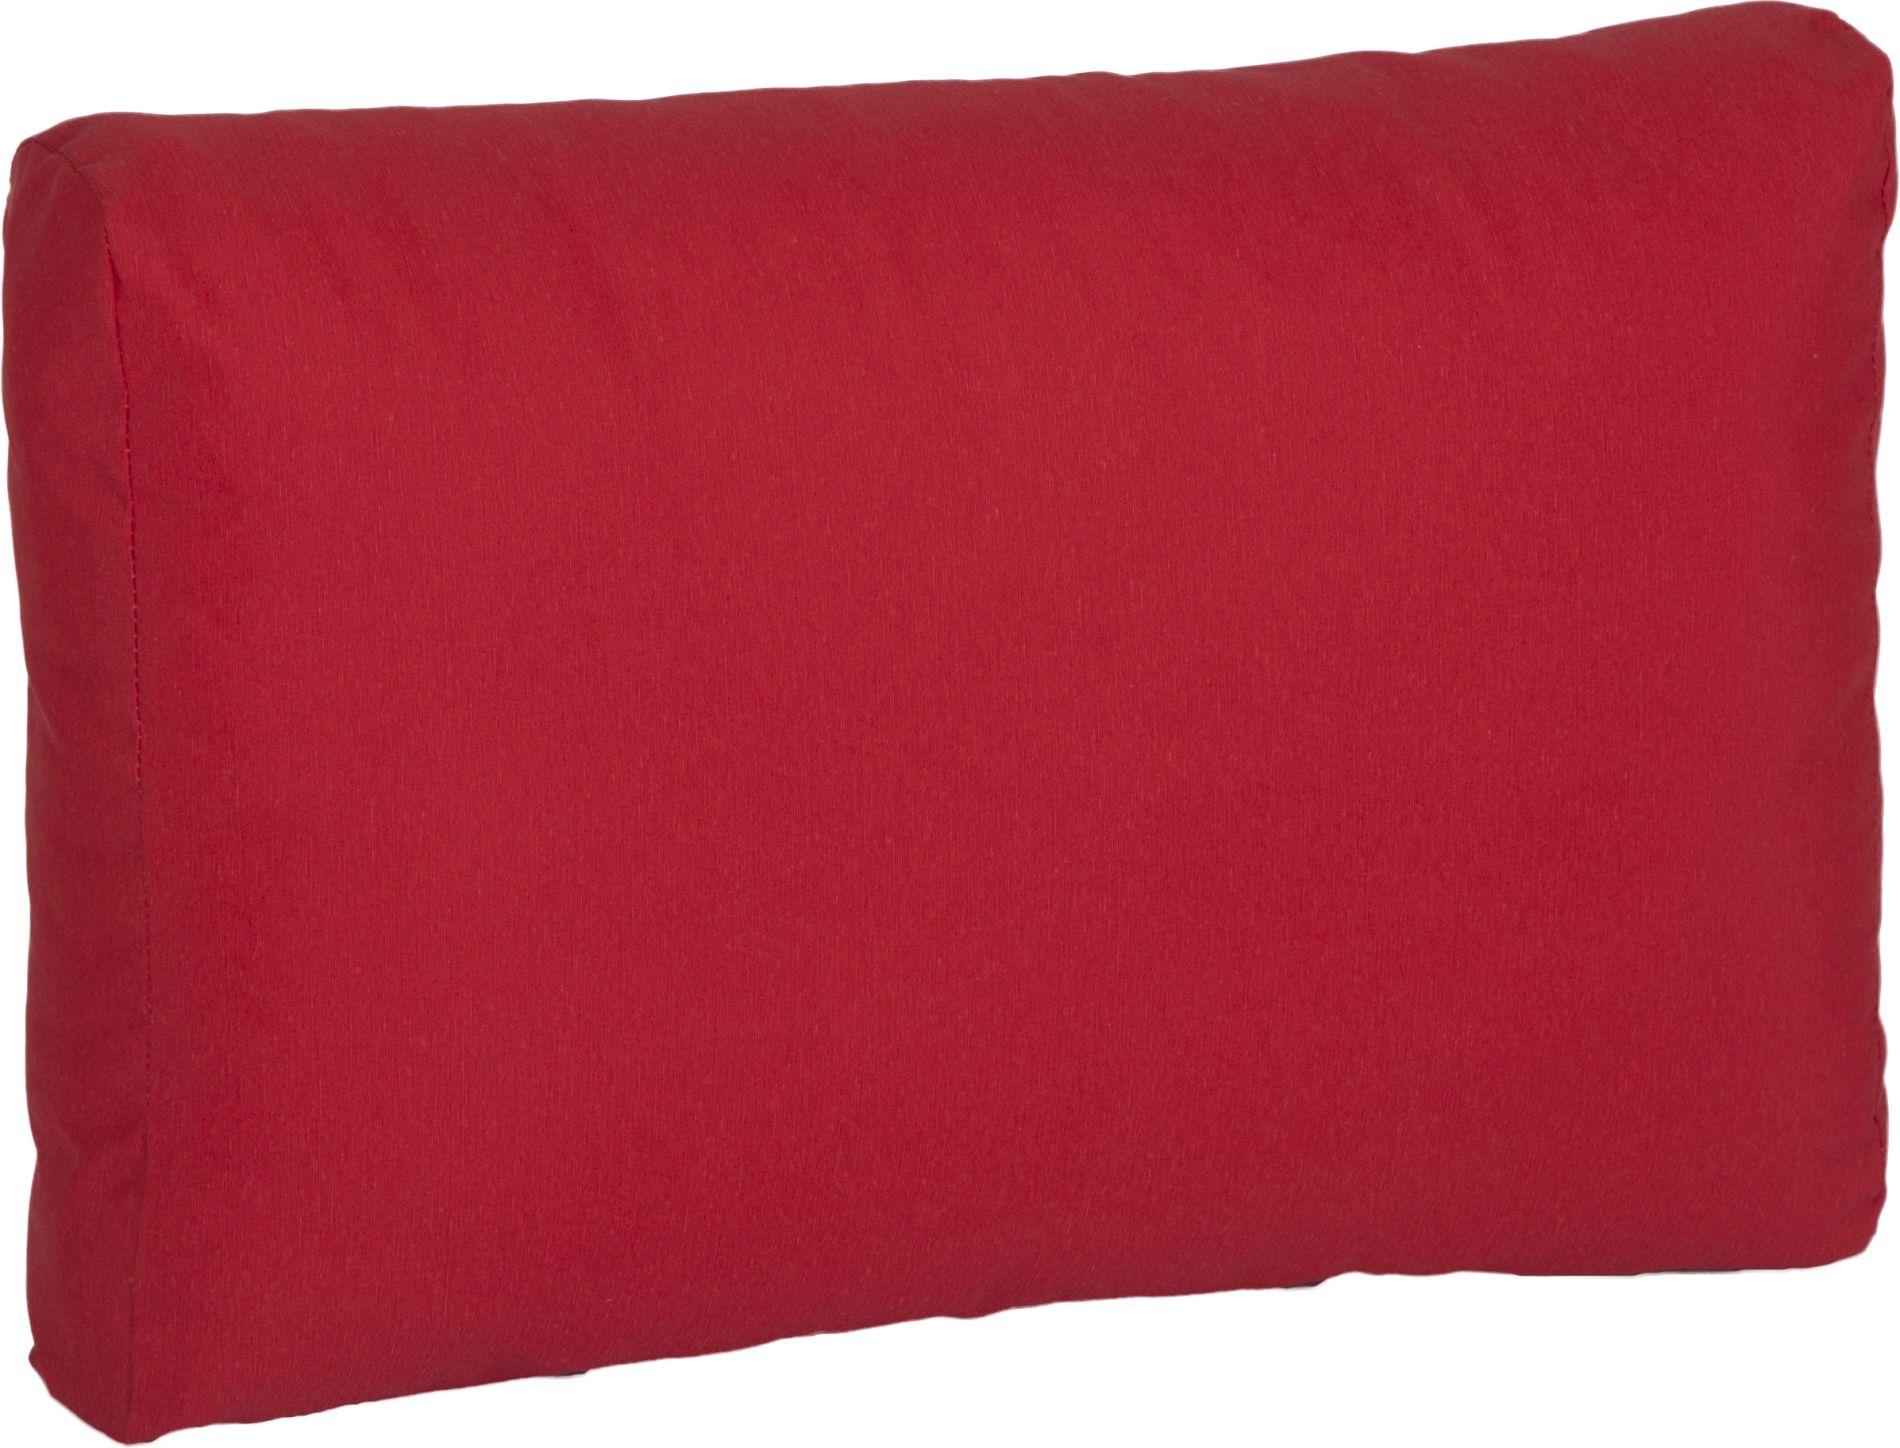 acamp Weekend Rückenkissen für Erweiterungselement rot 64 x 42 x 22 cm